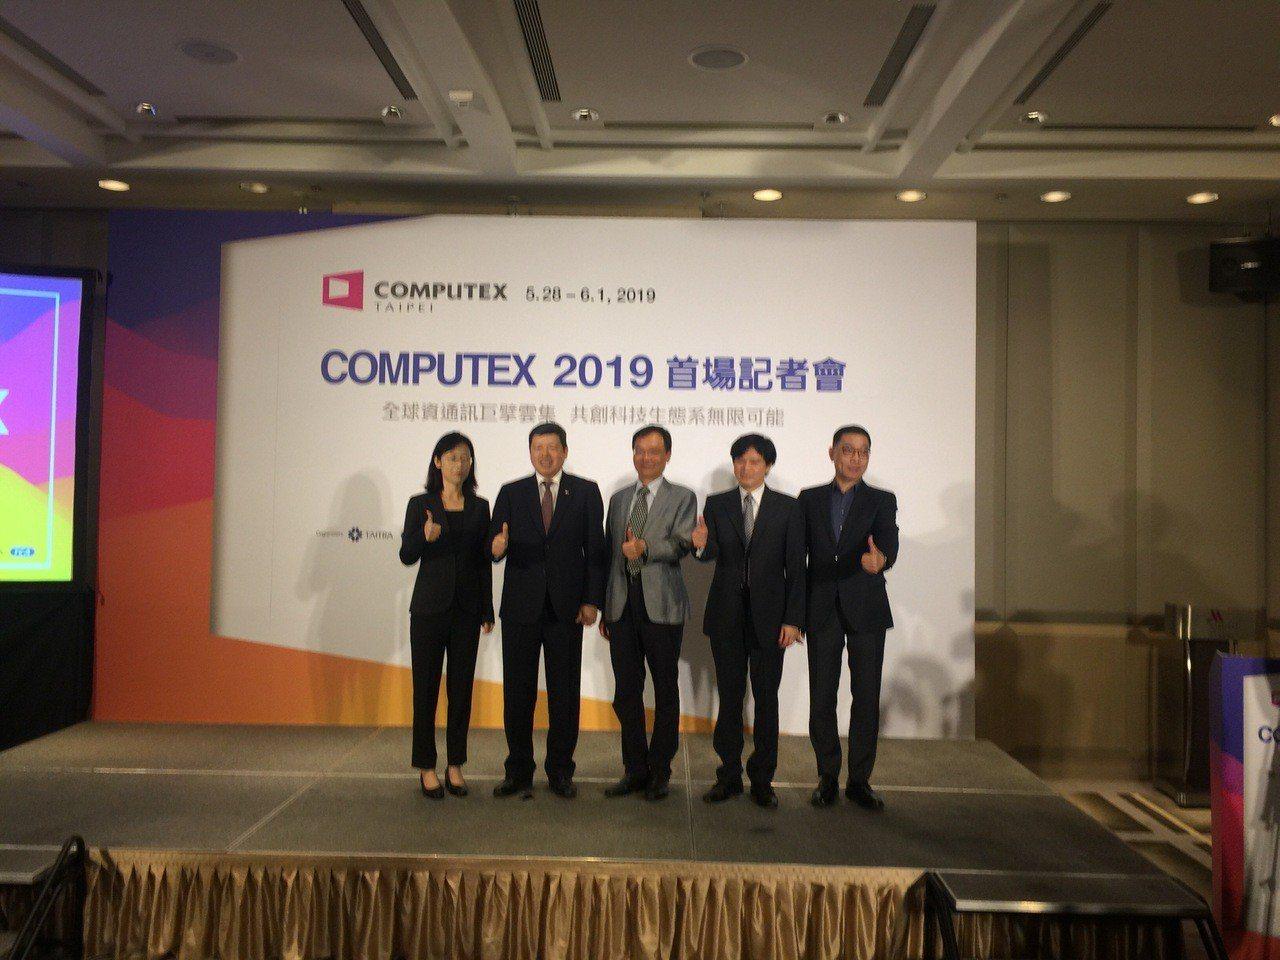 2019年台北國際電腦展(COMPUTEX 2019)今天召開首場記者會。記者張...